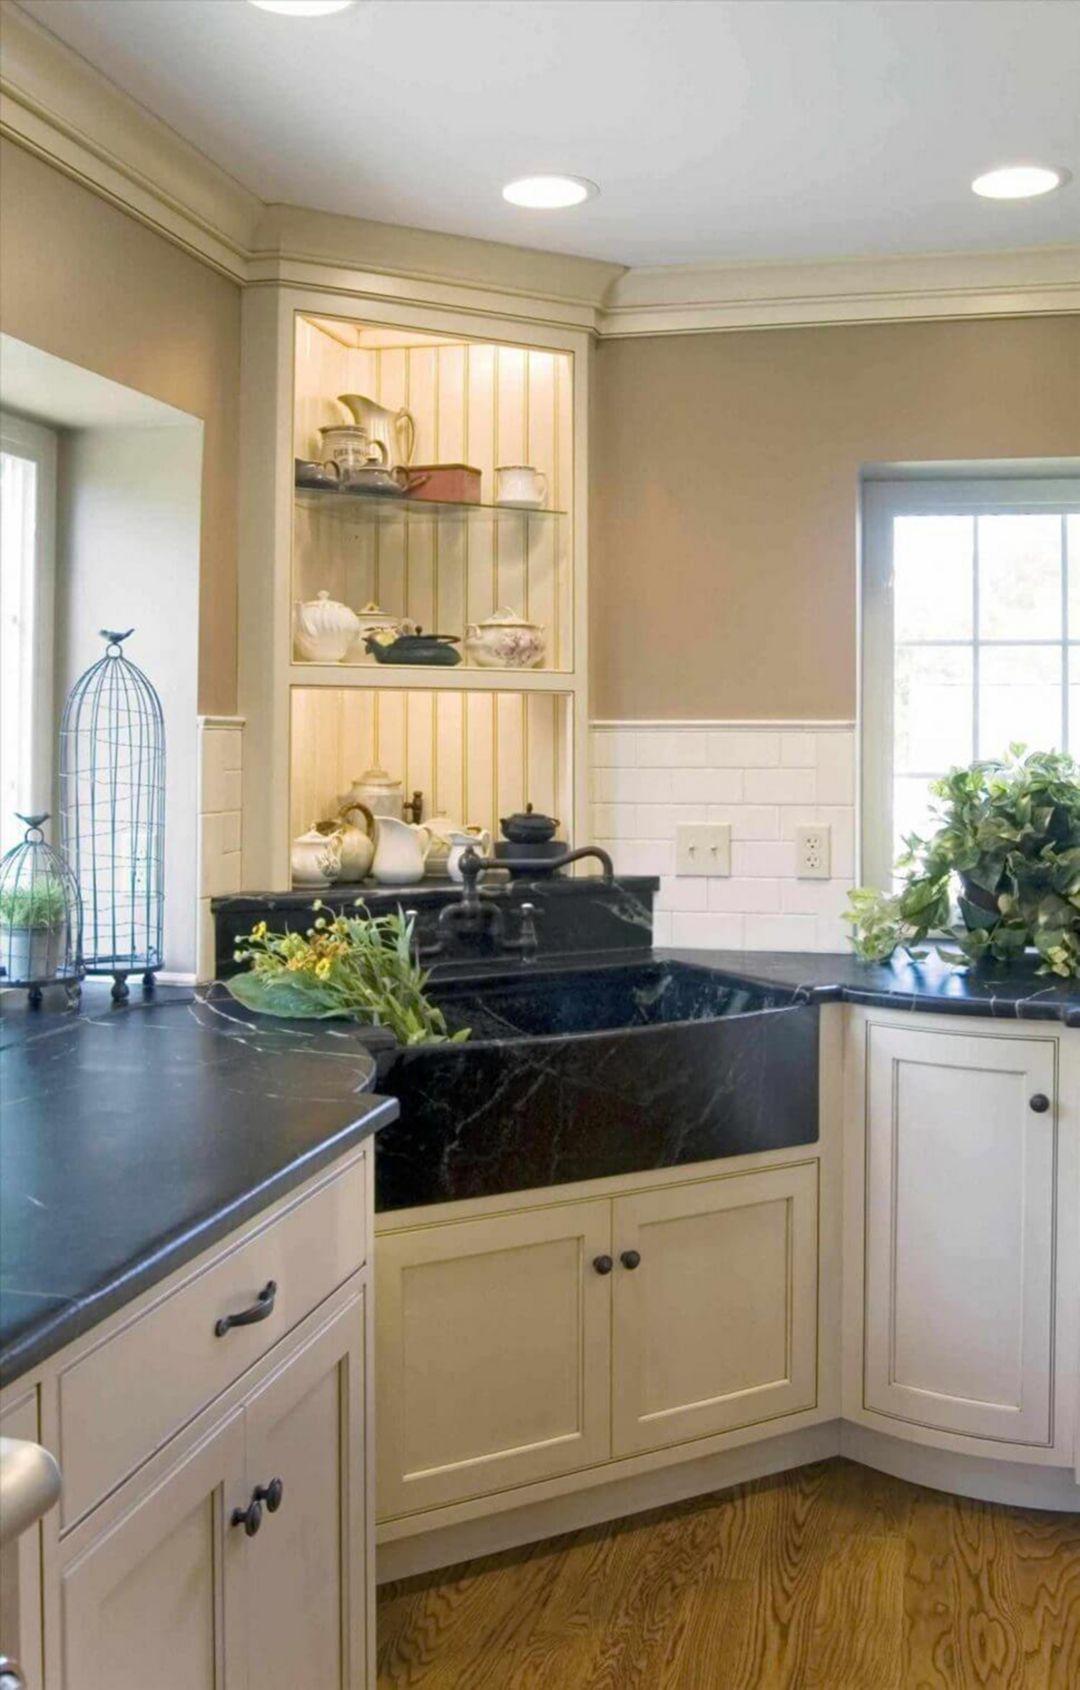 บาคาร า เกมคาส โน สล อต รวมเกม Casino ท ด และม นคงท ส ด Corner Sink Kitchen Kitchen Sink Design Kitchen Renovation